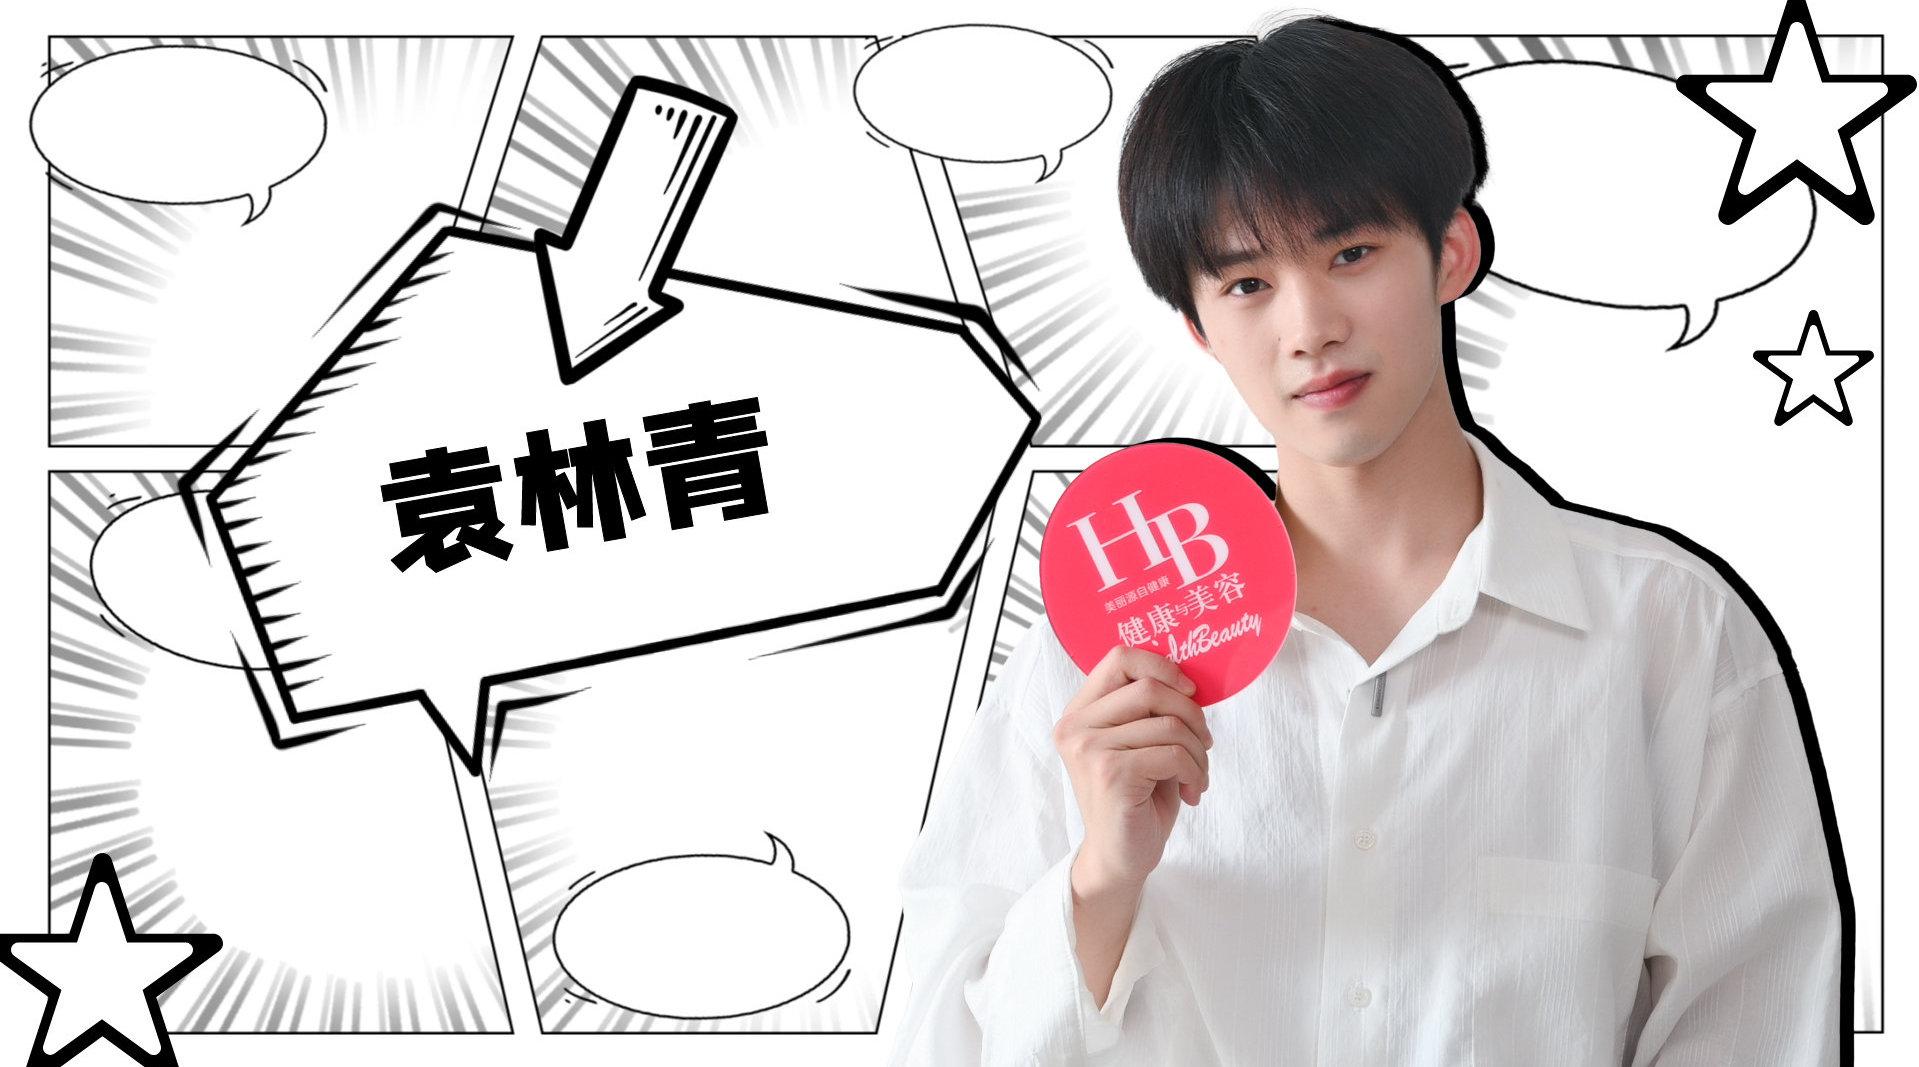 『HB@健康与美容 专访@袁林青 』 在袁林青的眼中……